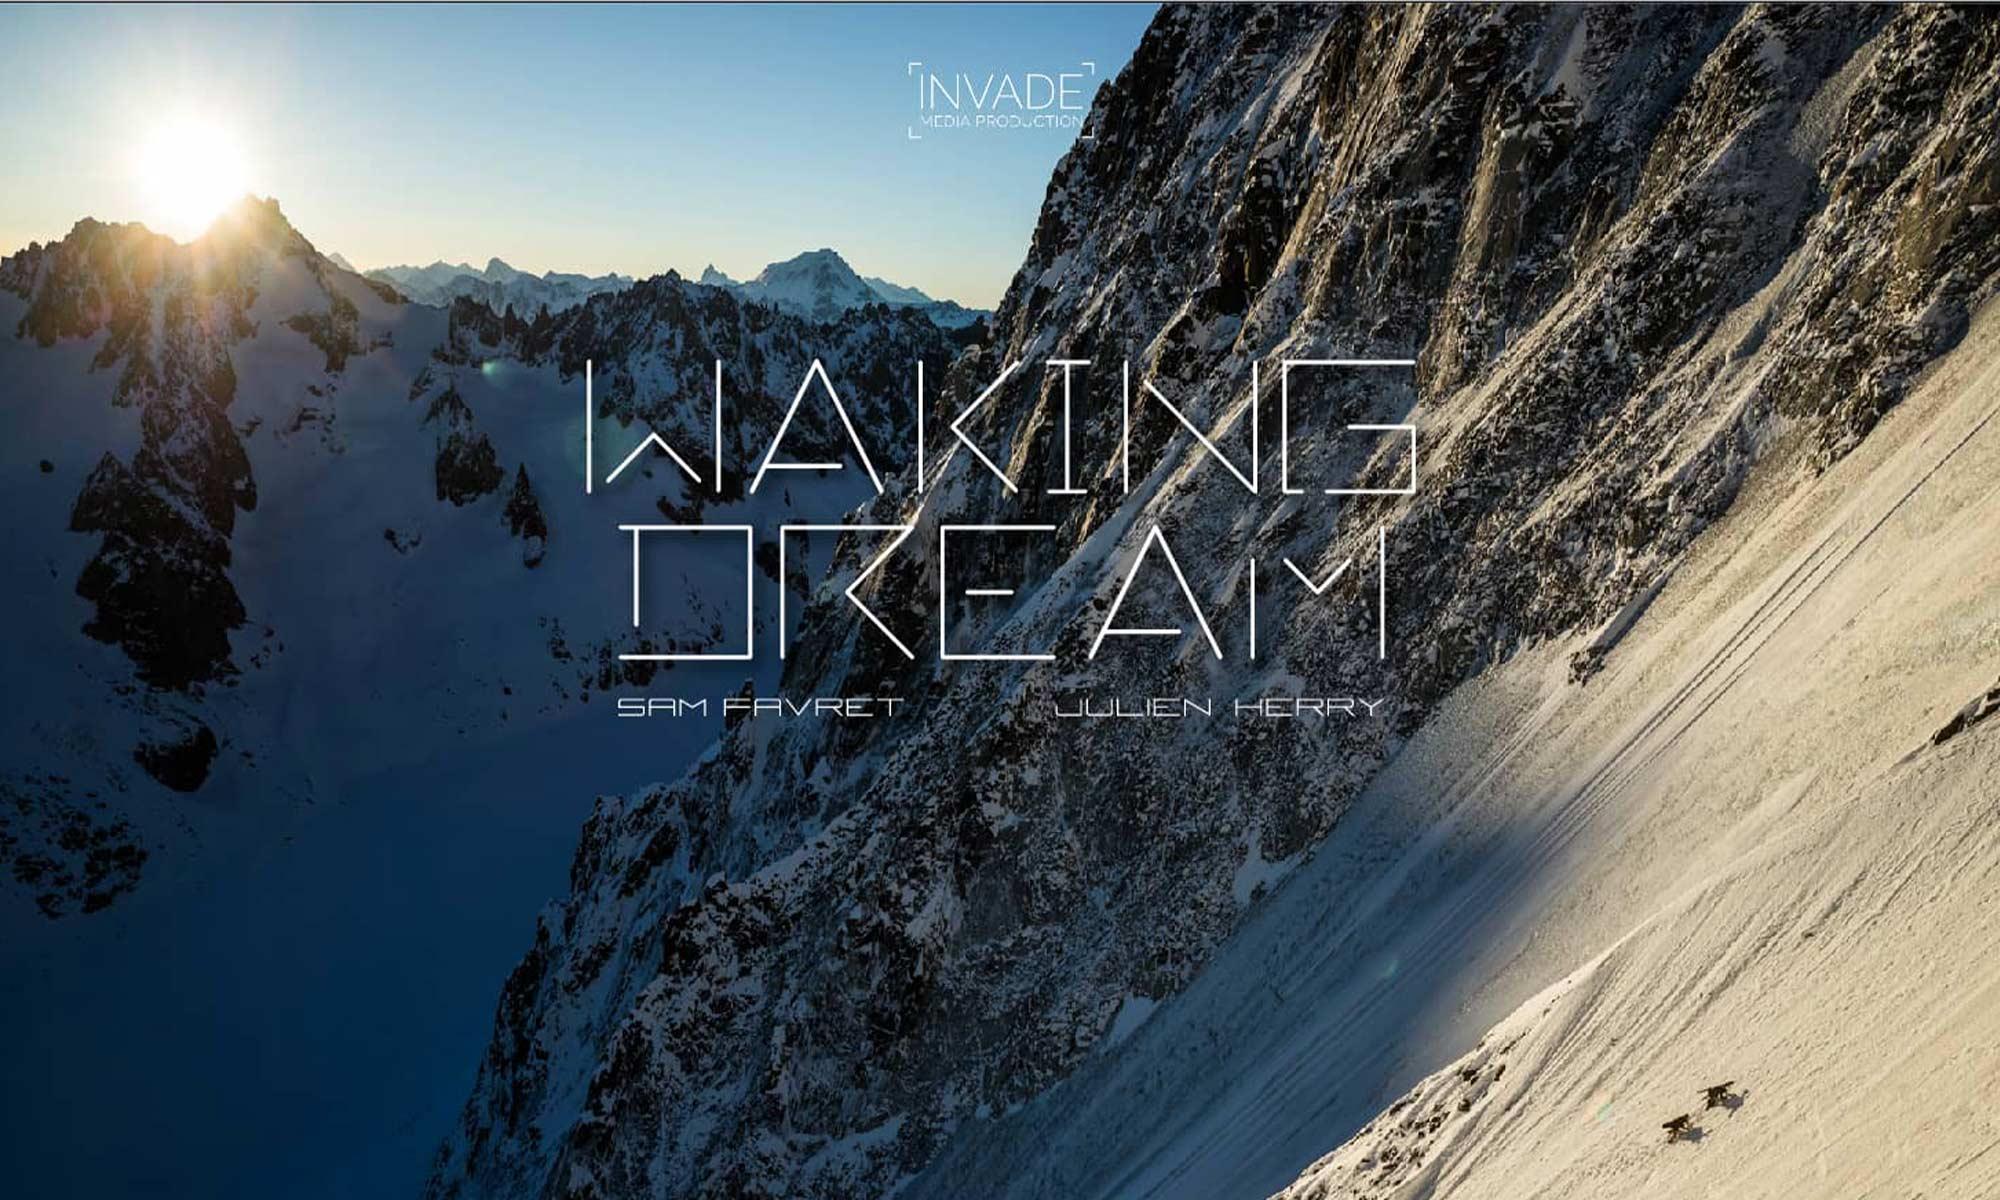 Walking Dream